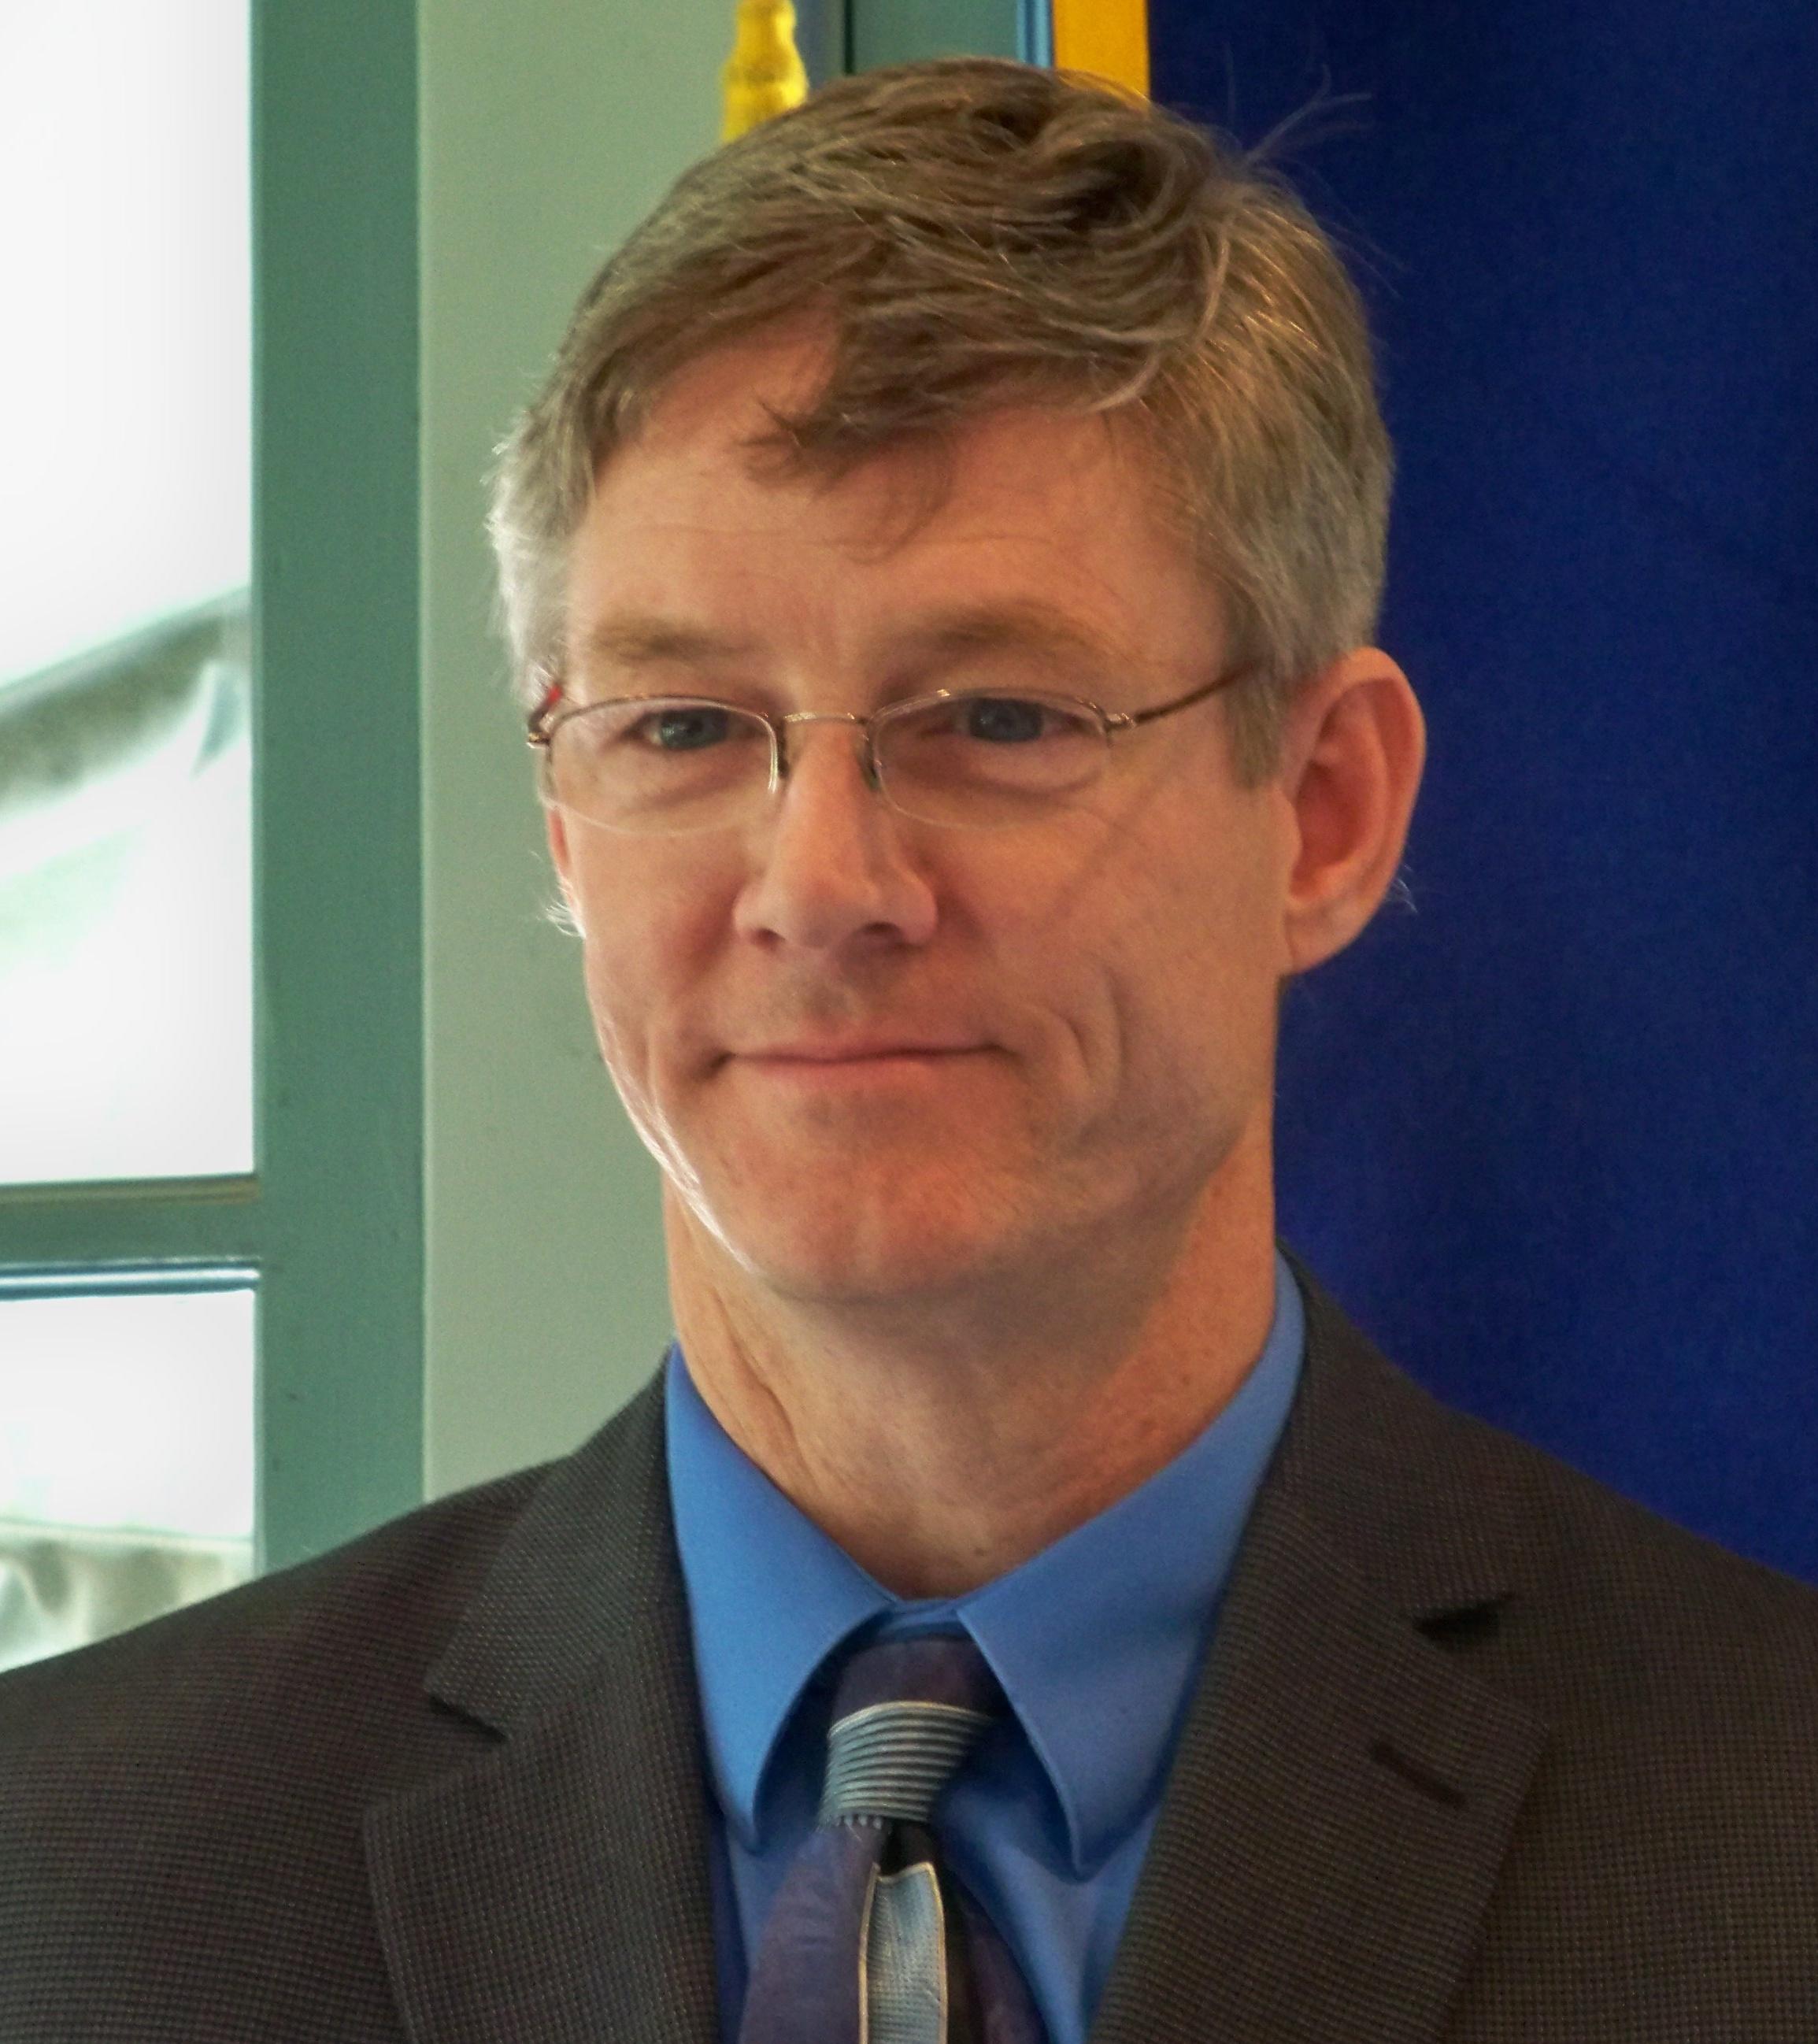 Tim Cosgrove